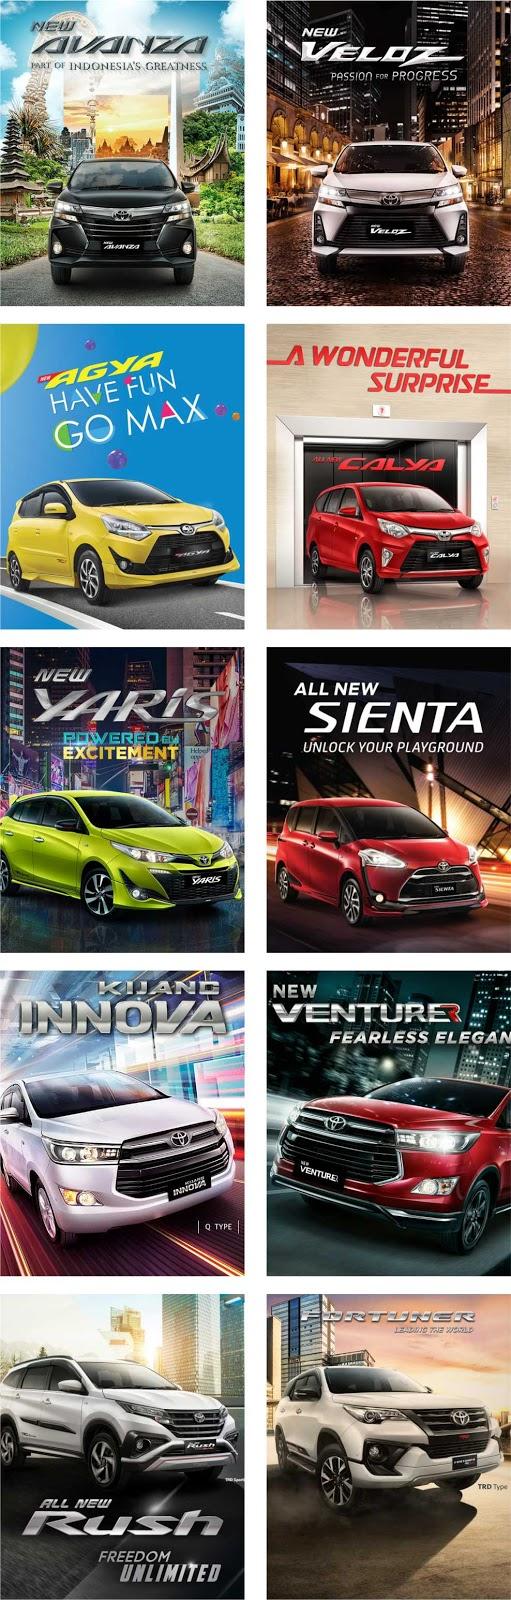 Produk Mobil Sales Toyota Nasmoco